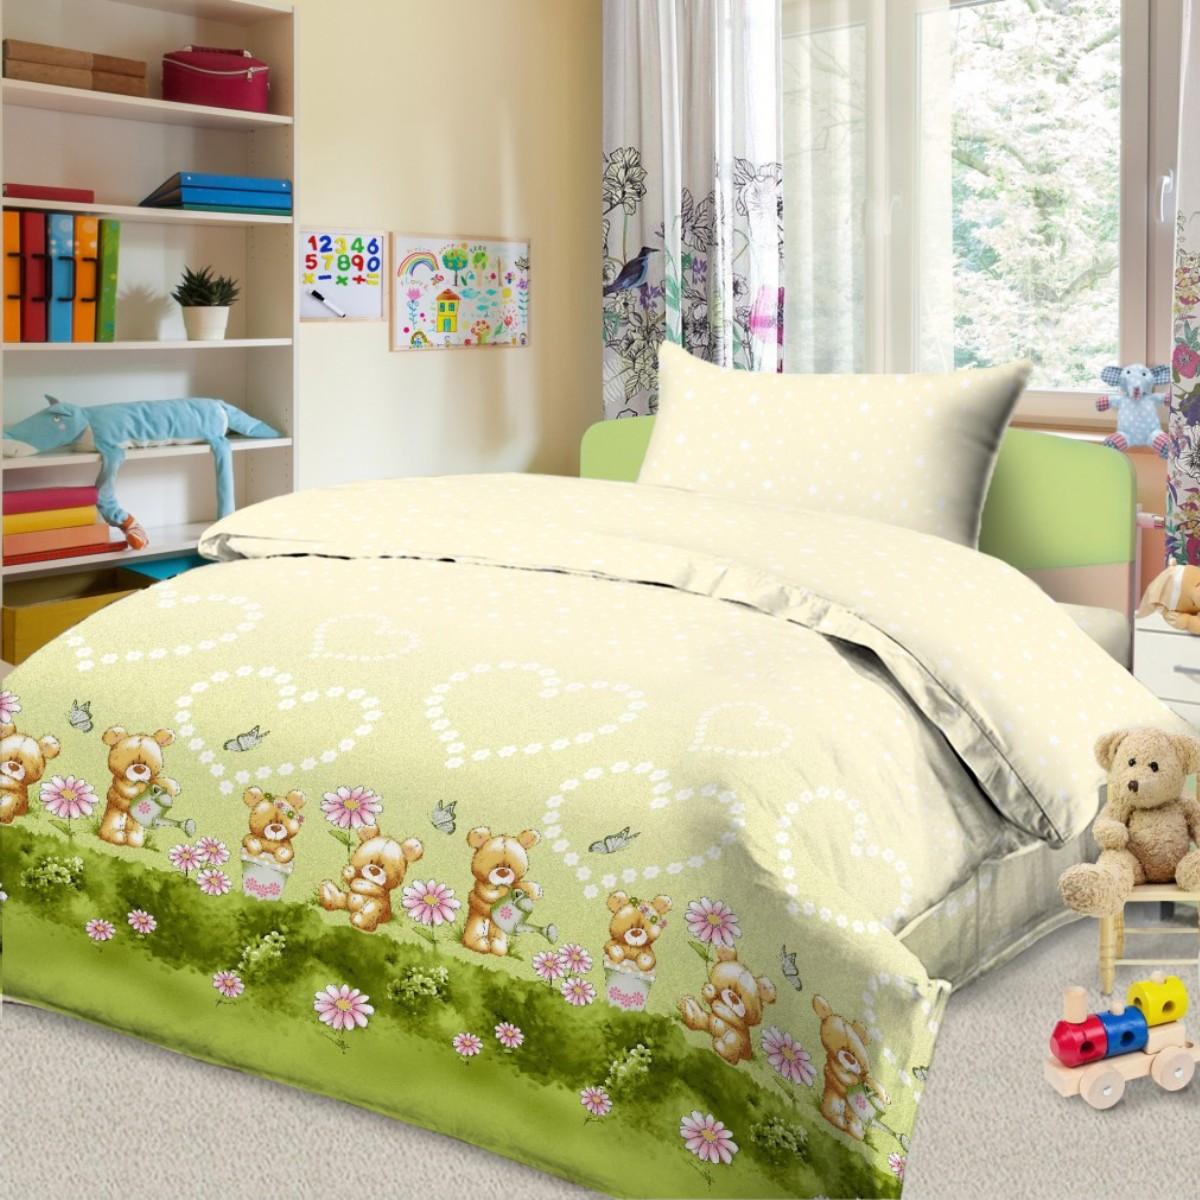 Комплект в кроватку Letto, цвет: бежевый. BGR-90